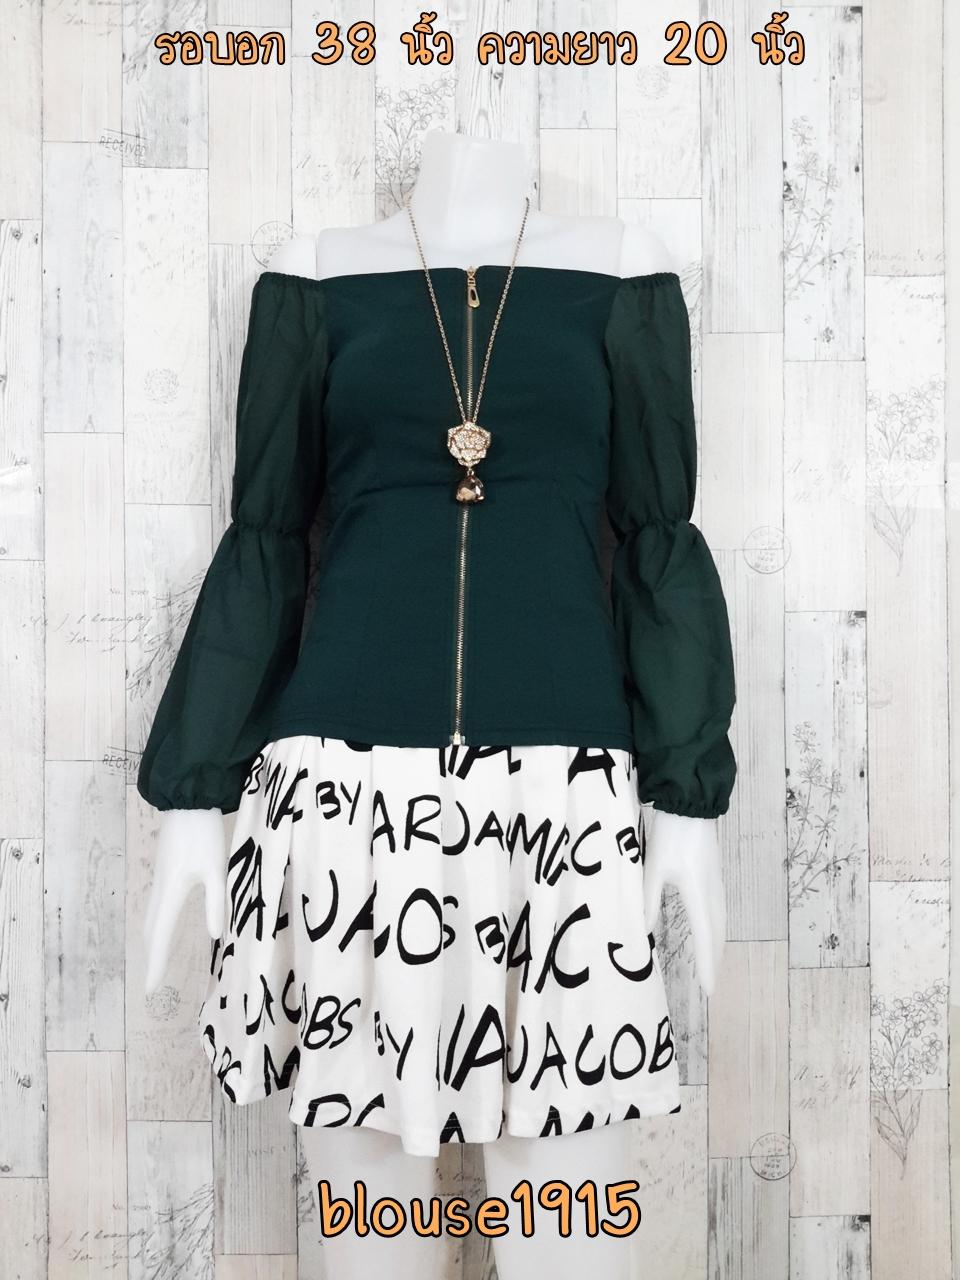 LOT SALE!! Blouse1915 เสื้อแฟชั่นเข้ารูปผ้าสกินนี่(ยืดได้) ซิปหน้า แขนยาวชีฟองเปิดไหล่ สีเขียว